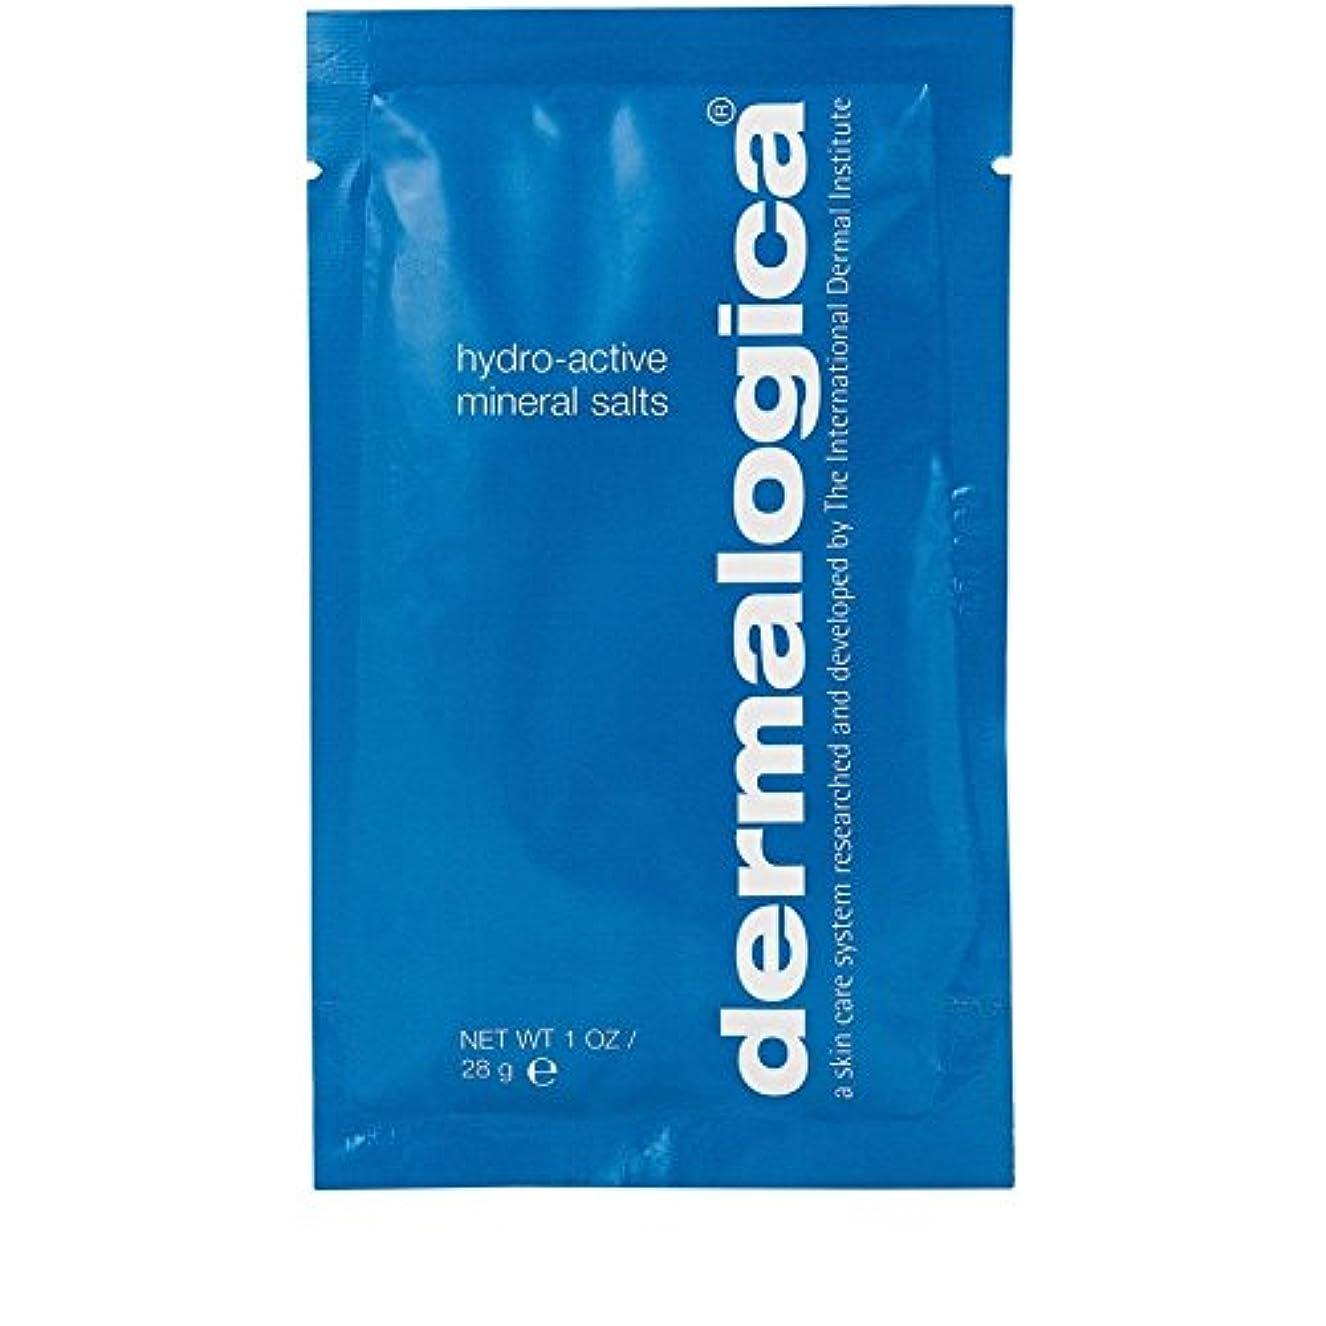 モルヒネメニューリズムDermalogica Hydro Active Mineral Salt 28g (Pack of 6) - ダーマロジカ水力アクティブミネラル塩28グラム x6 [並行輸入品]